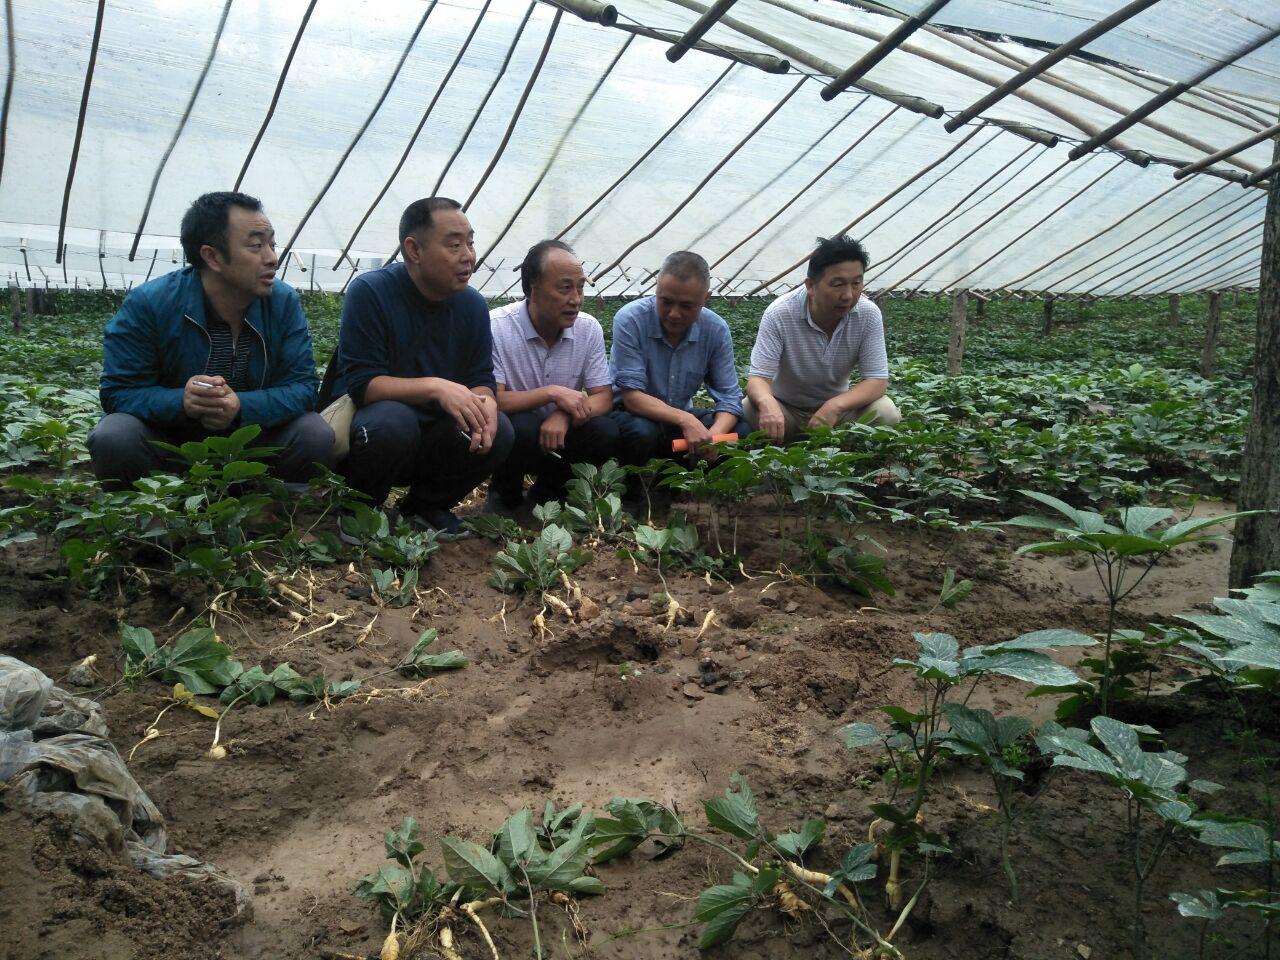 北农林科技大学留坝西洋参试验示范基地专家深入一线指导参农救灾